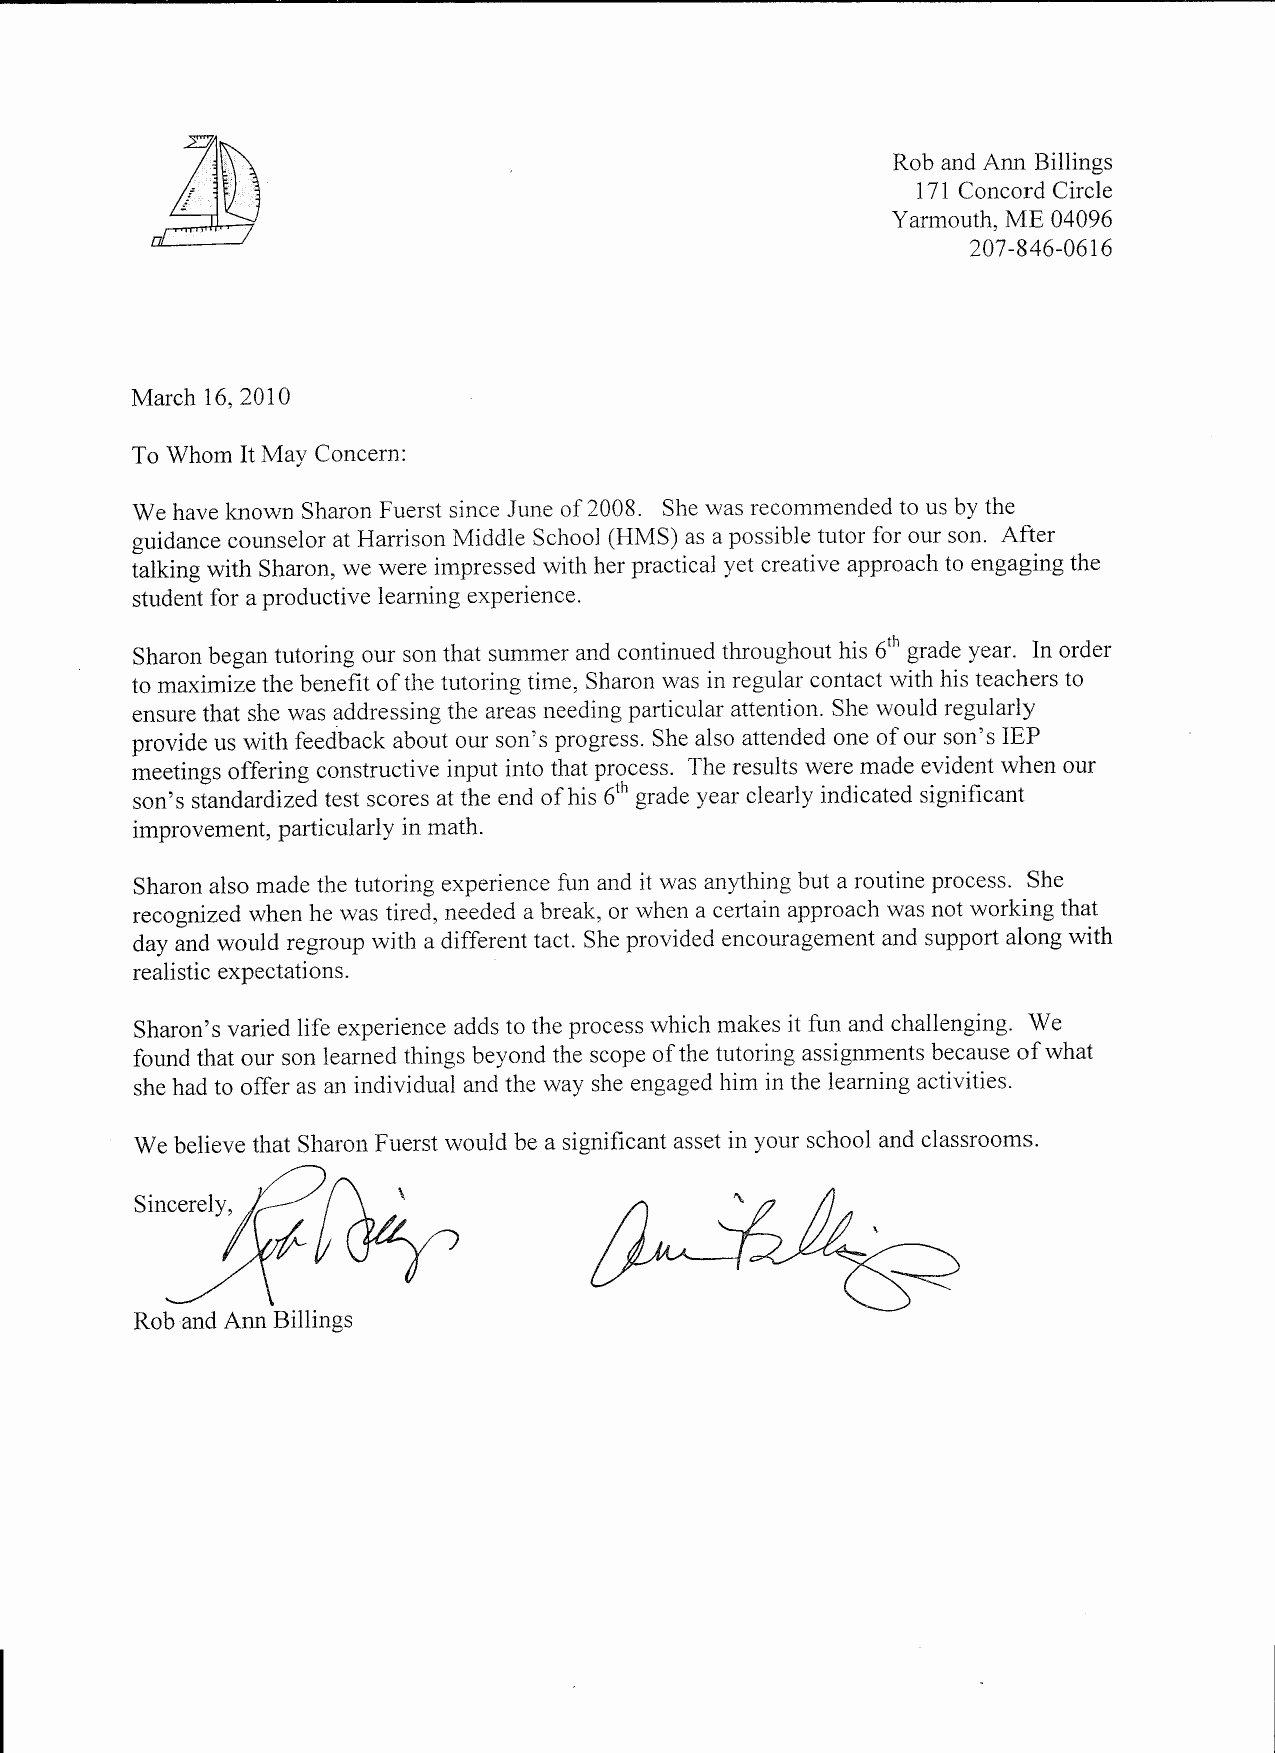 Letter Of Re Mendation format